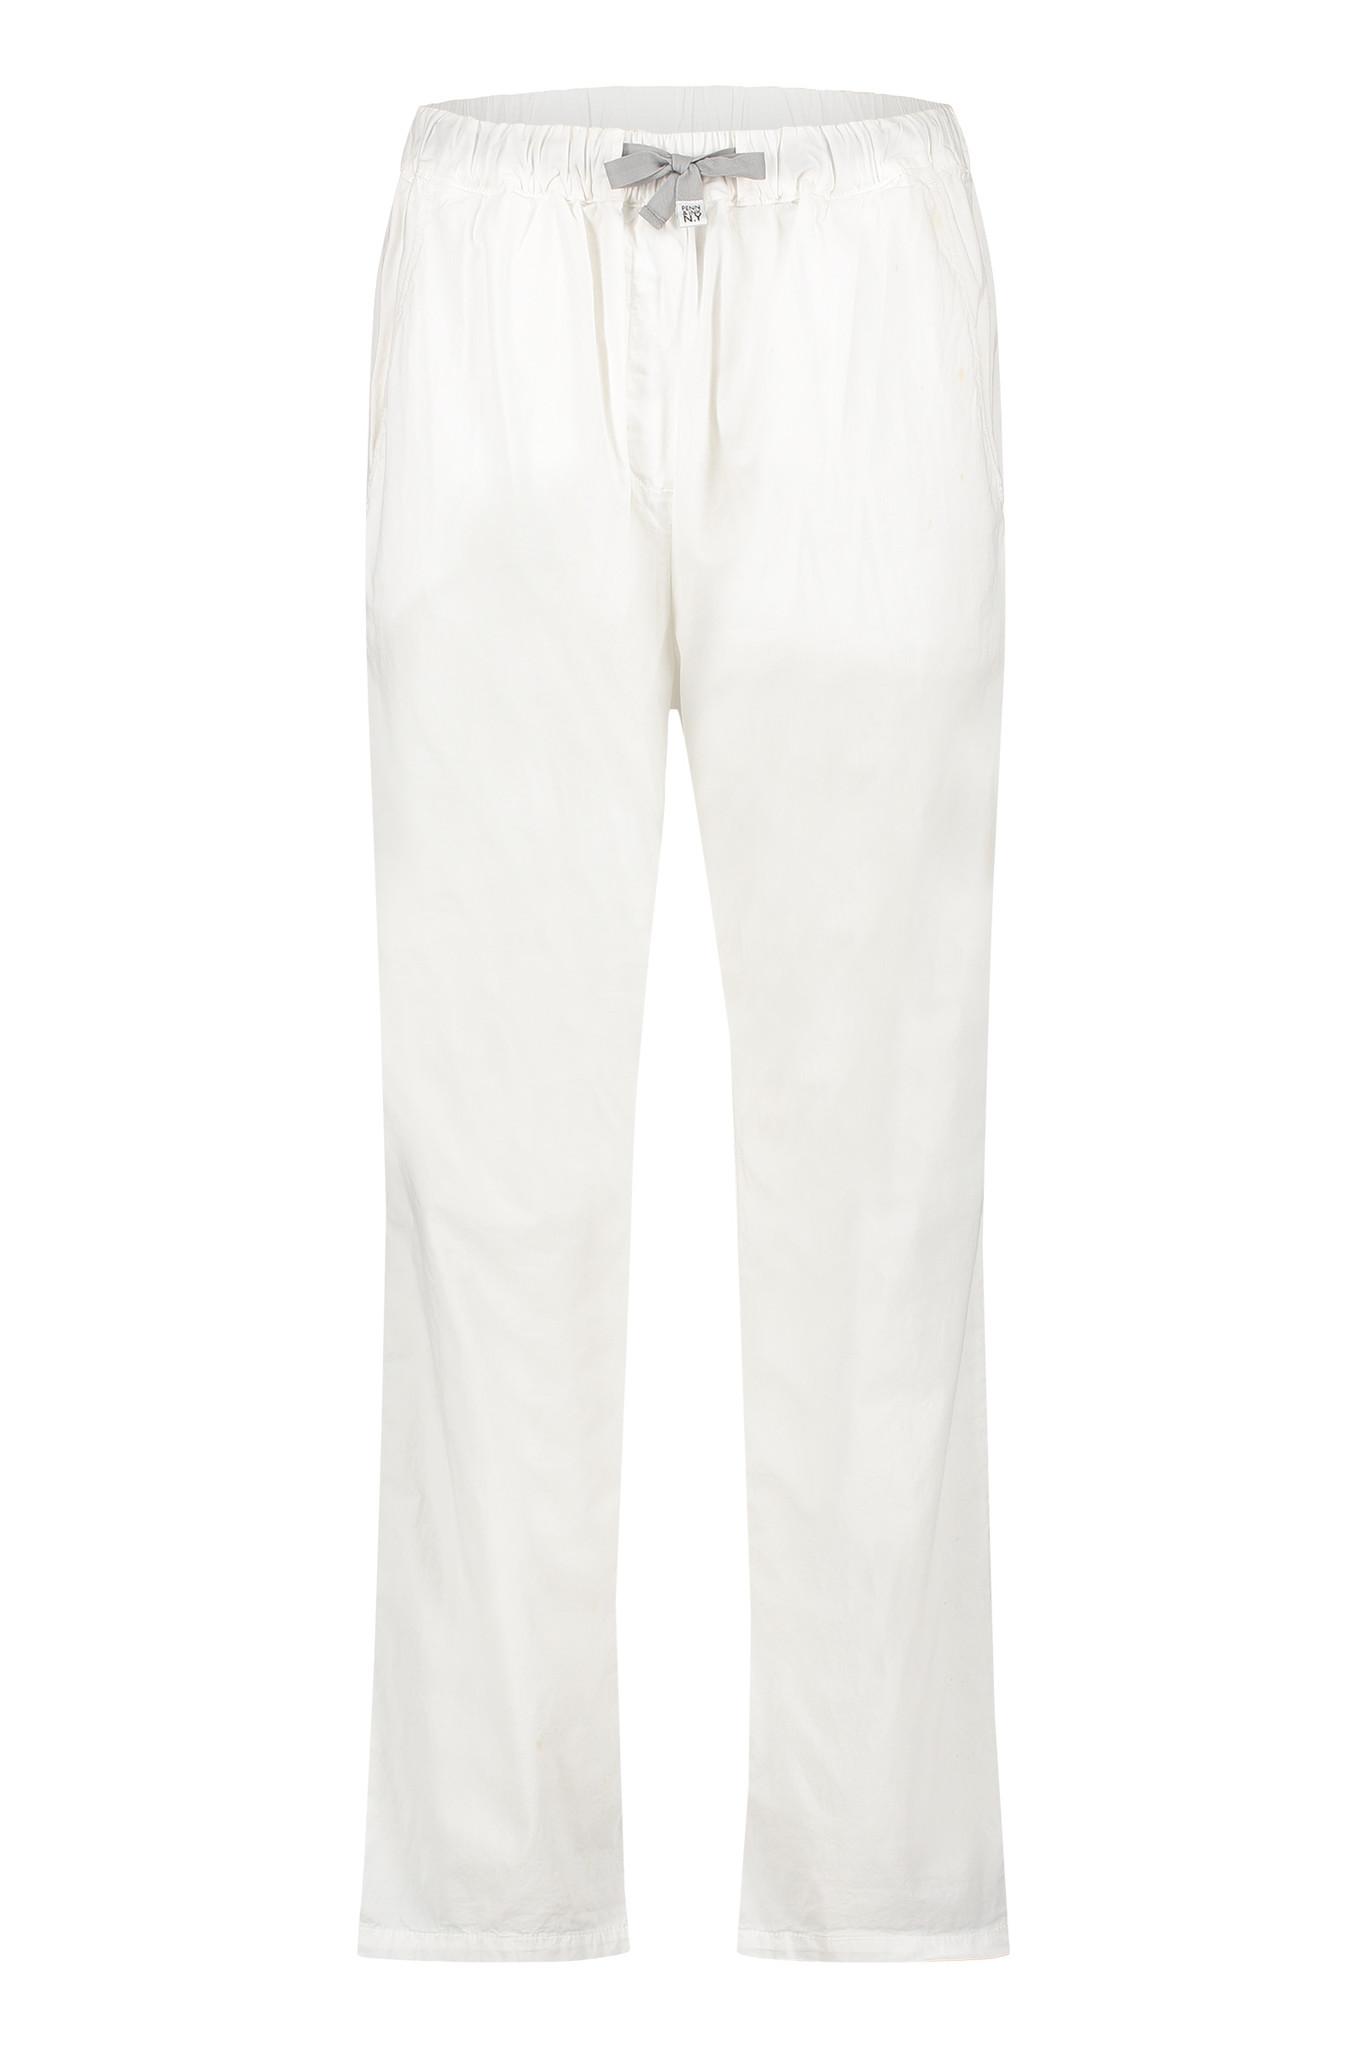 Penn & Ink Trouser S21W317-1